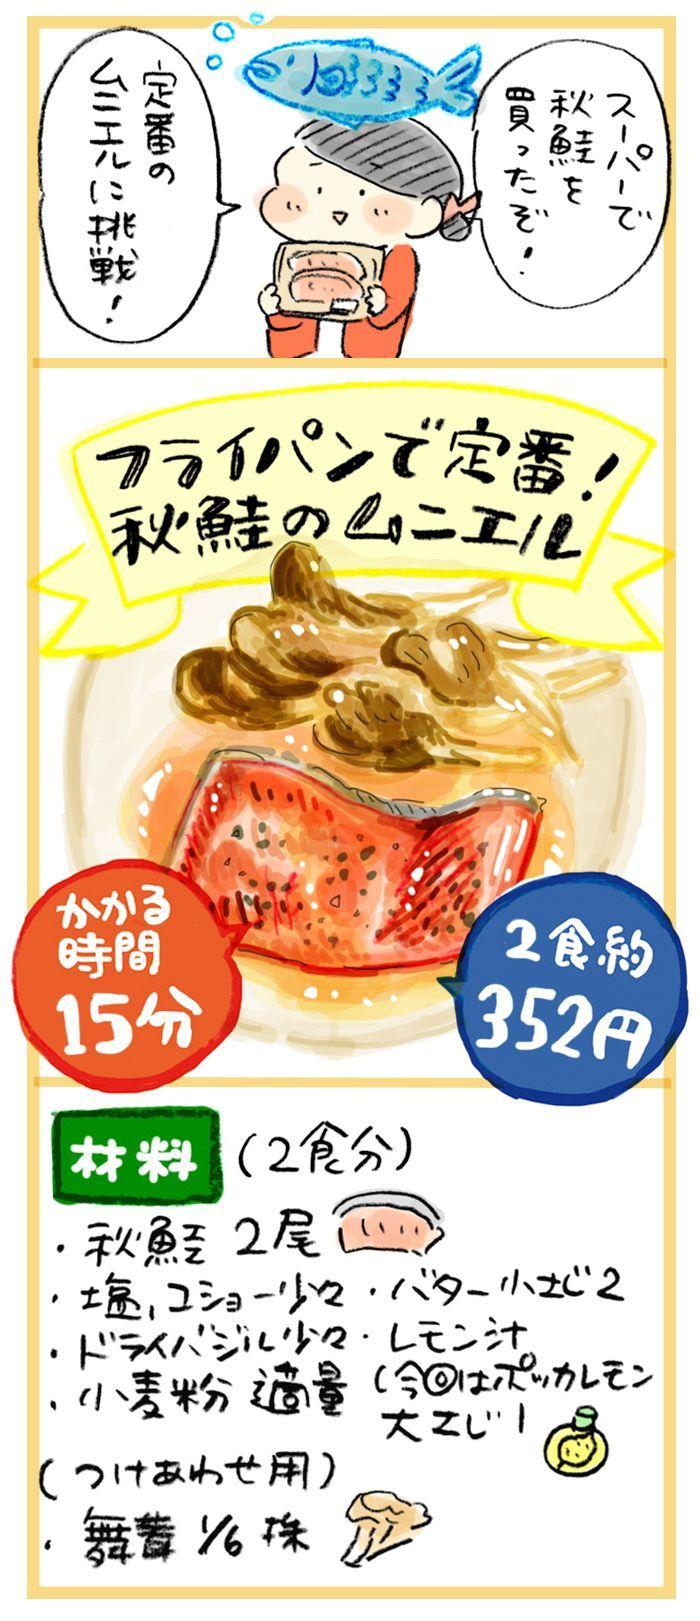 一人分176円!フライパンでサクっと作れる♡秋鮭のムニエル【一緒に食べたい♡節約ごはん】